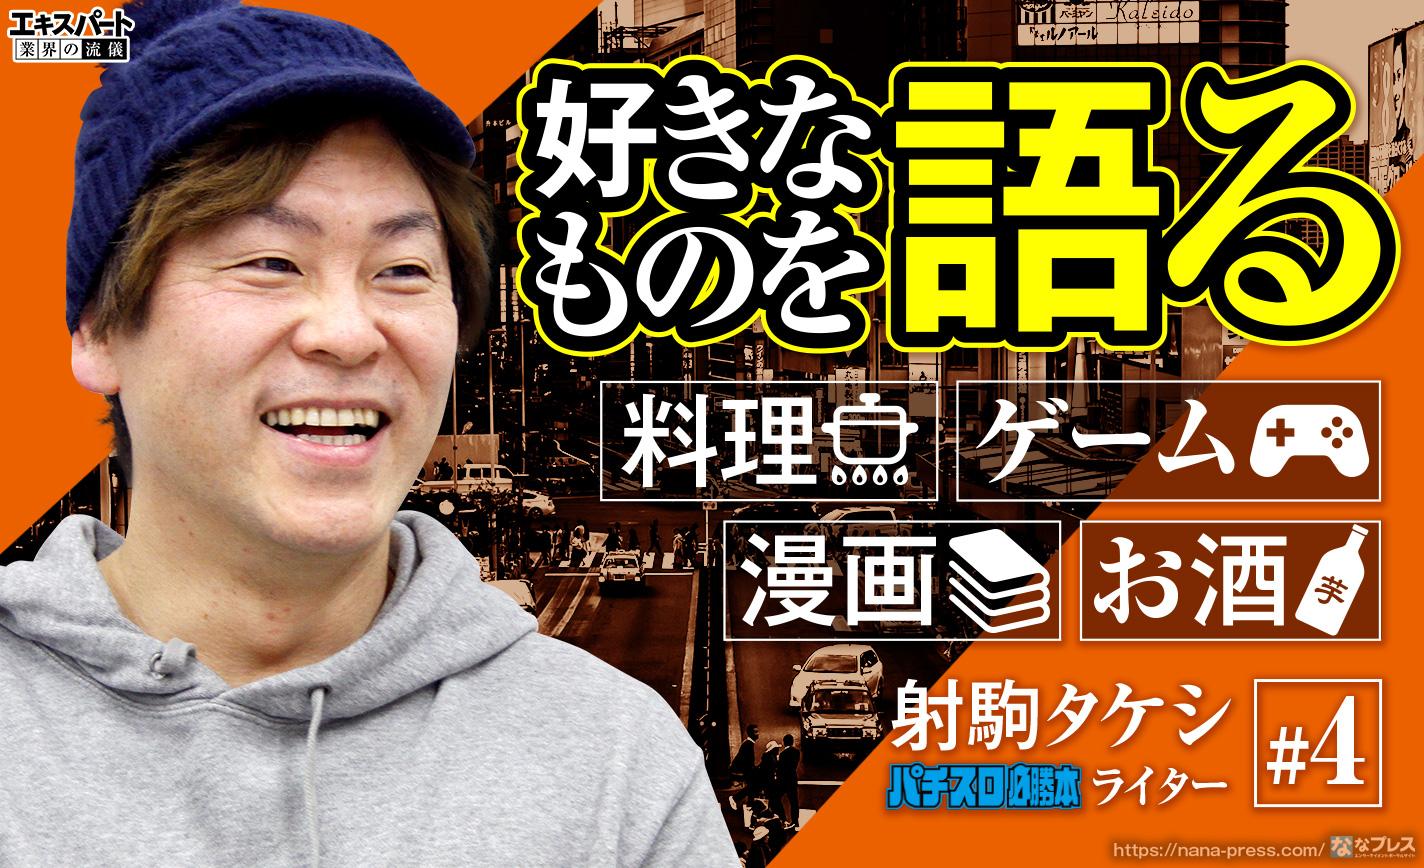 射駒タケシがゲームや料理、お酒や漫画など好きなものを語り尽くす! eyecatch-image